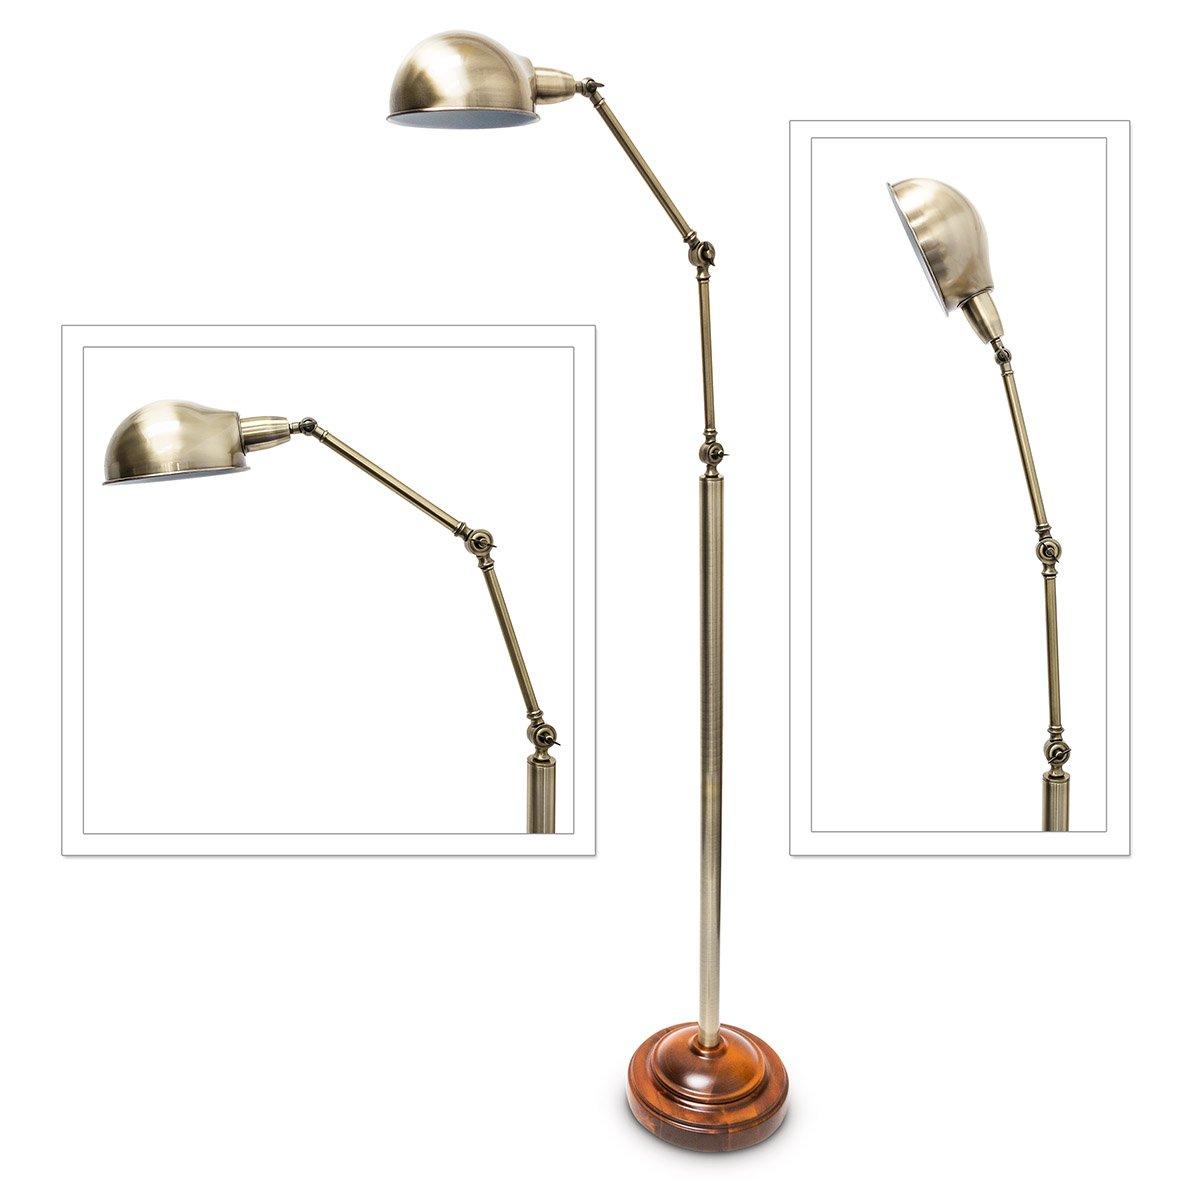 Wunderbar Stehlampe Industrial Beste Wahl Relaxdays Im Look 179 Cm Verstellbar Metall-holz